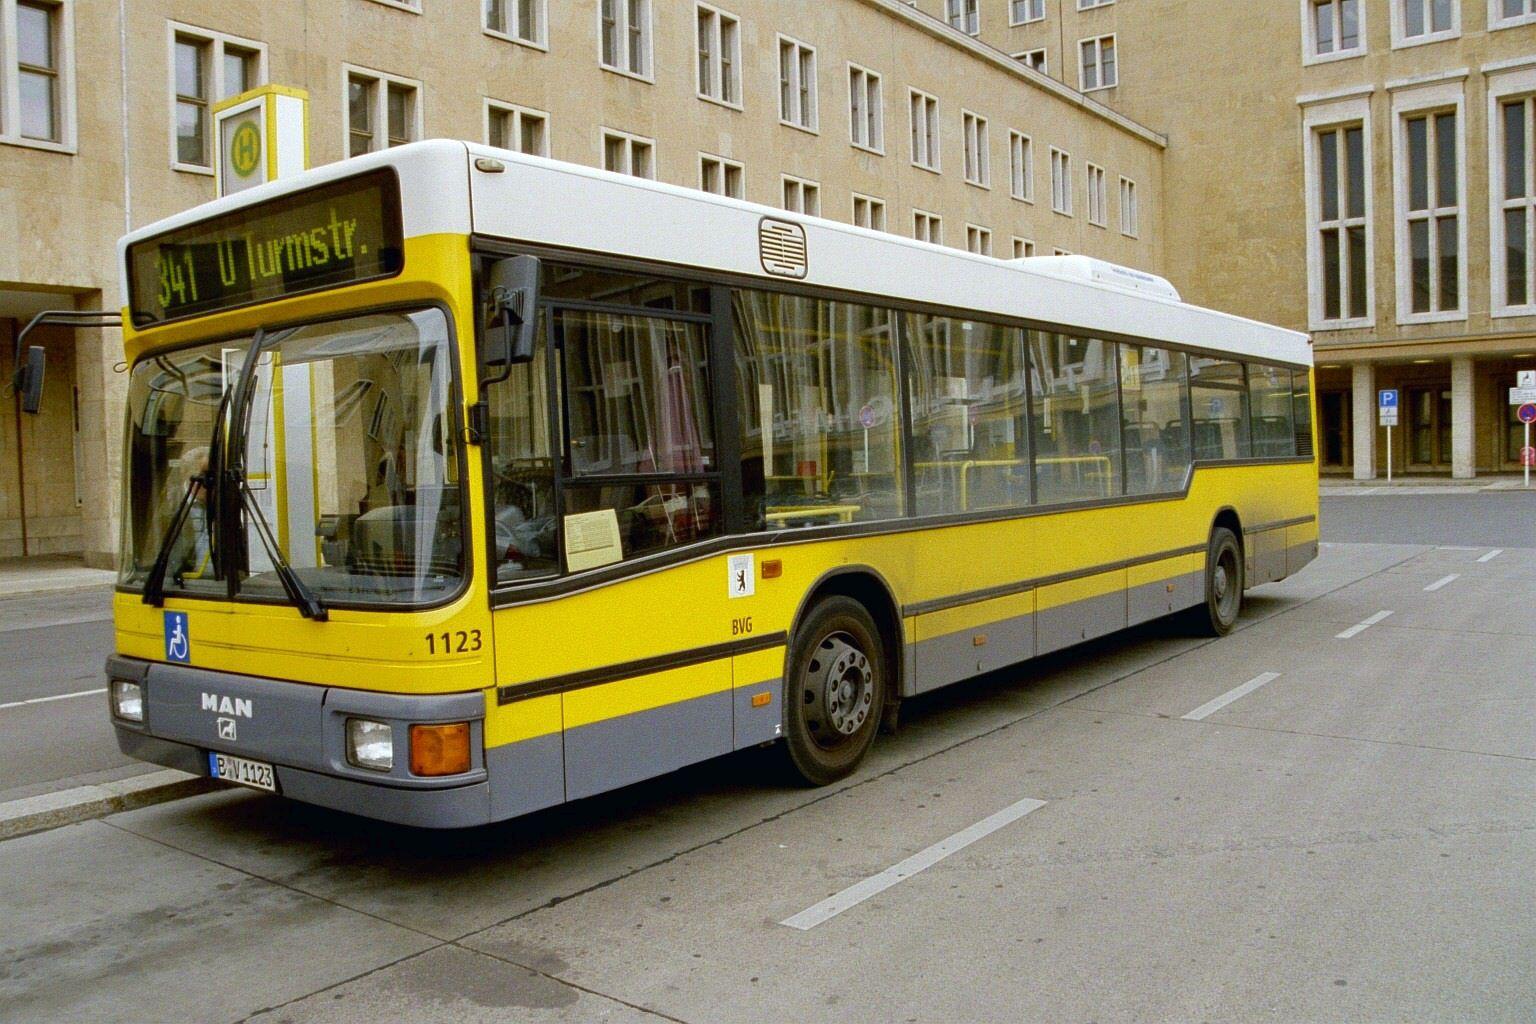 Bus 1123, Flughafen Tempelhof, 2004